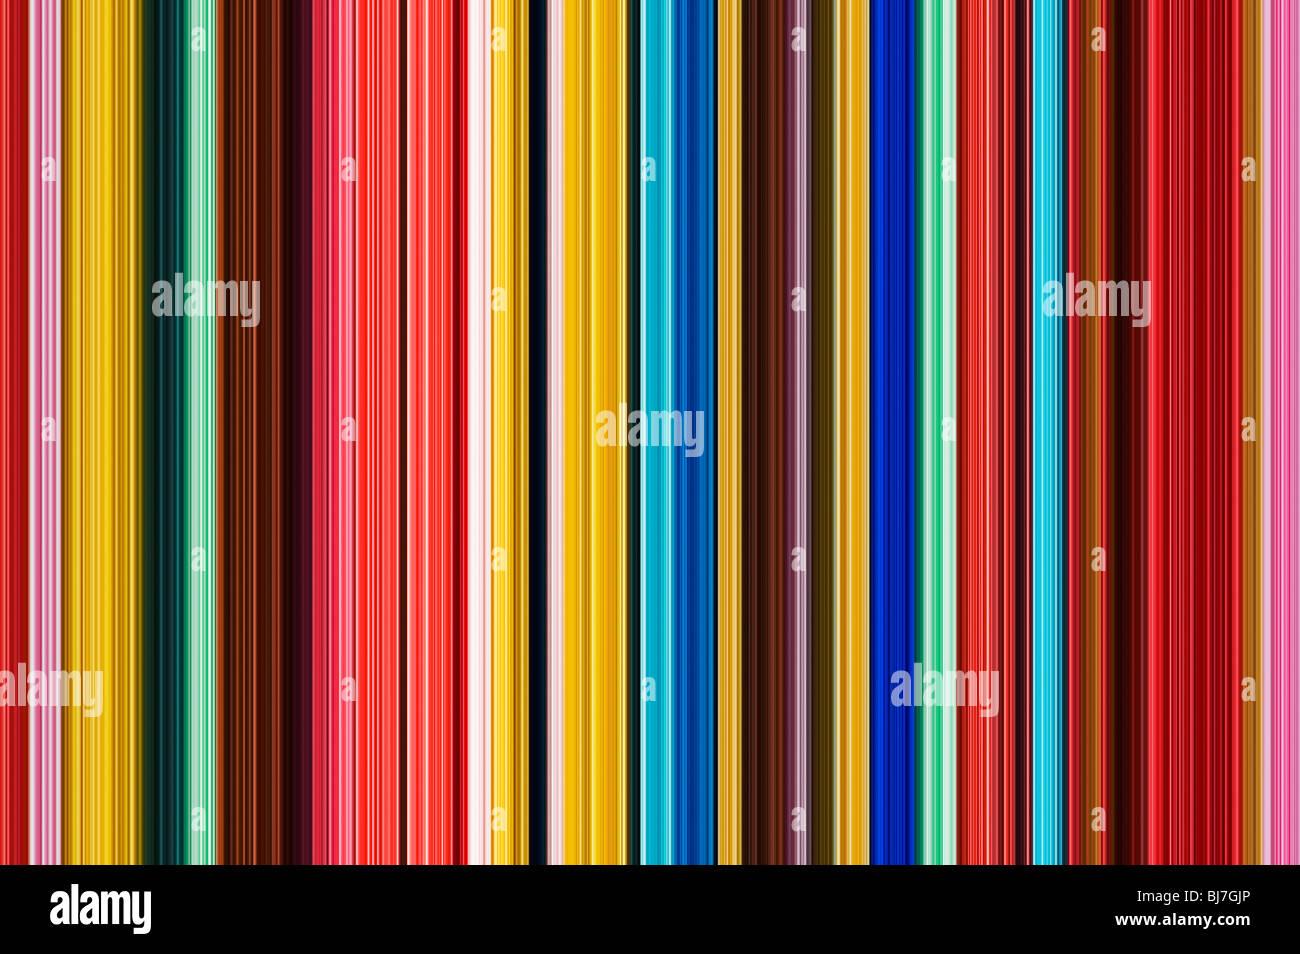 Patrón de líneas de rayas multicolores. Ilustración digital creadas a partir de una fotografía Foto de stock